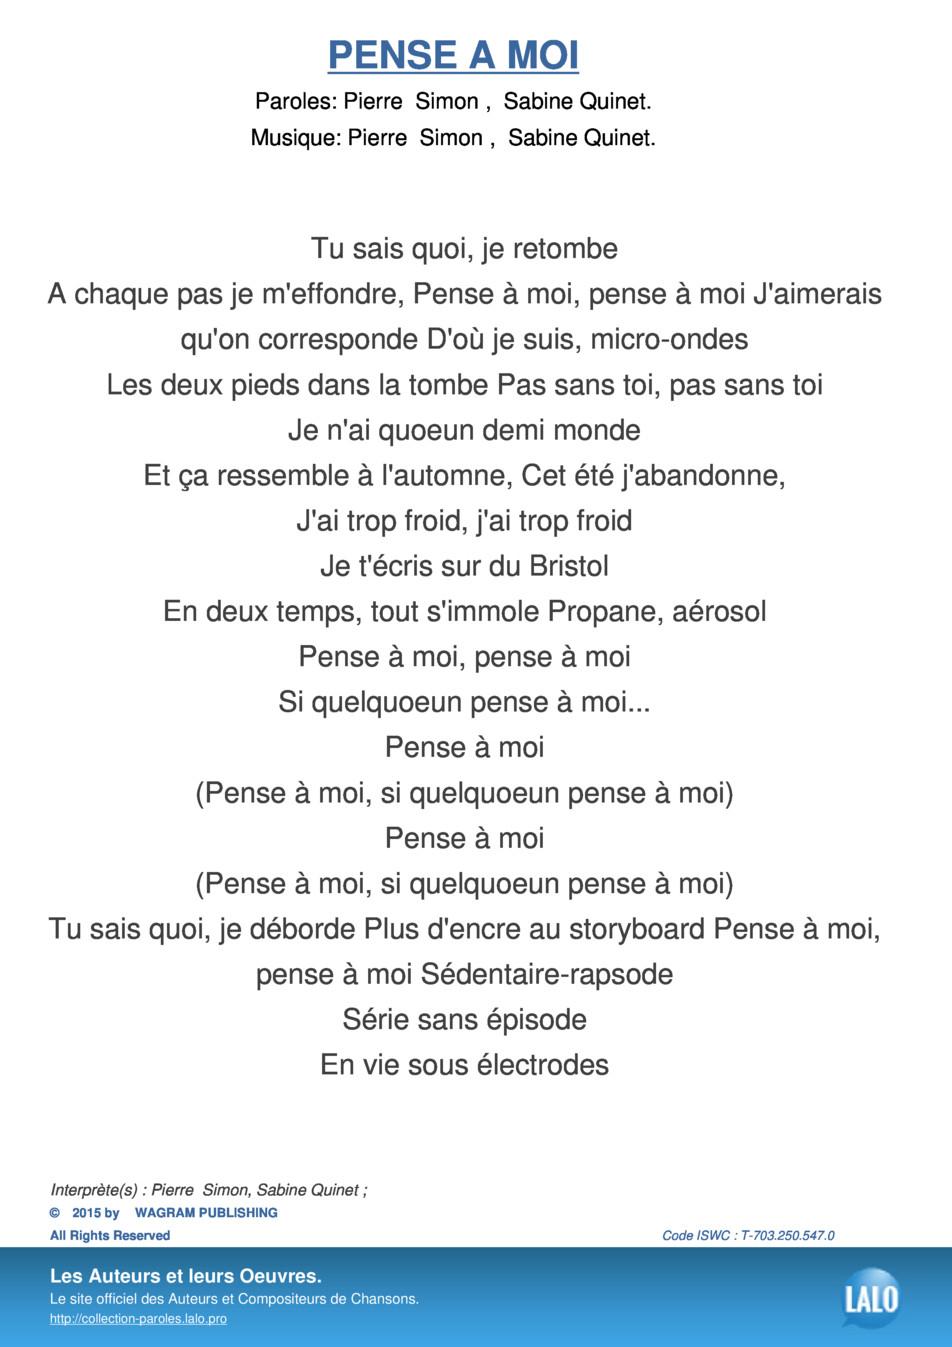 Paroles Et Musique De Pense A Moi Pierre Simon - Lalo.pro serapportantà Chanson Pense À Moi